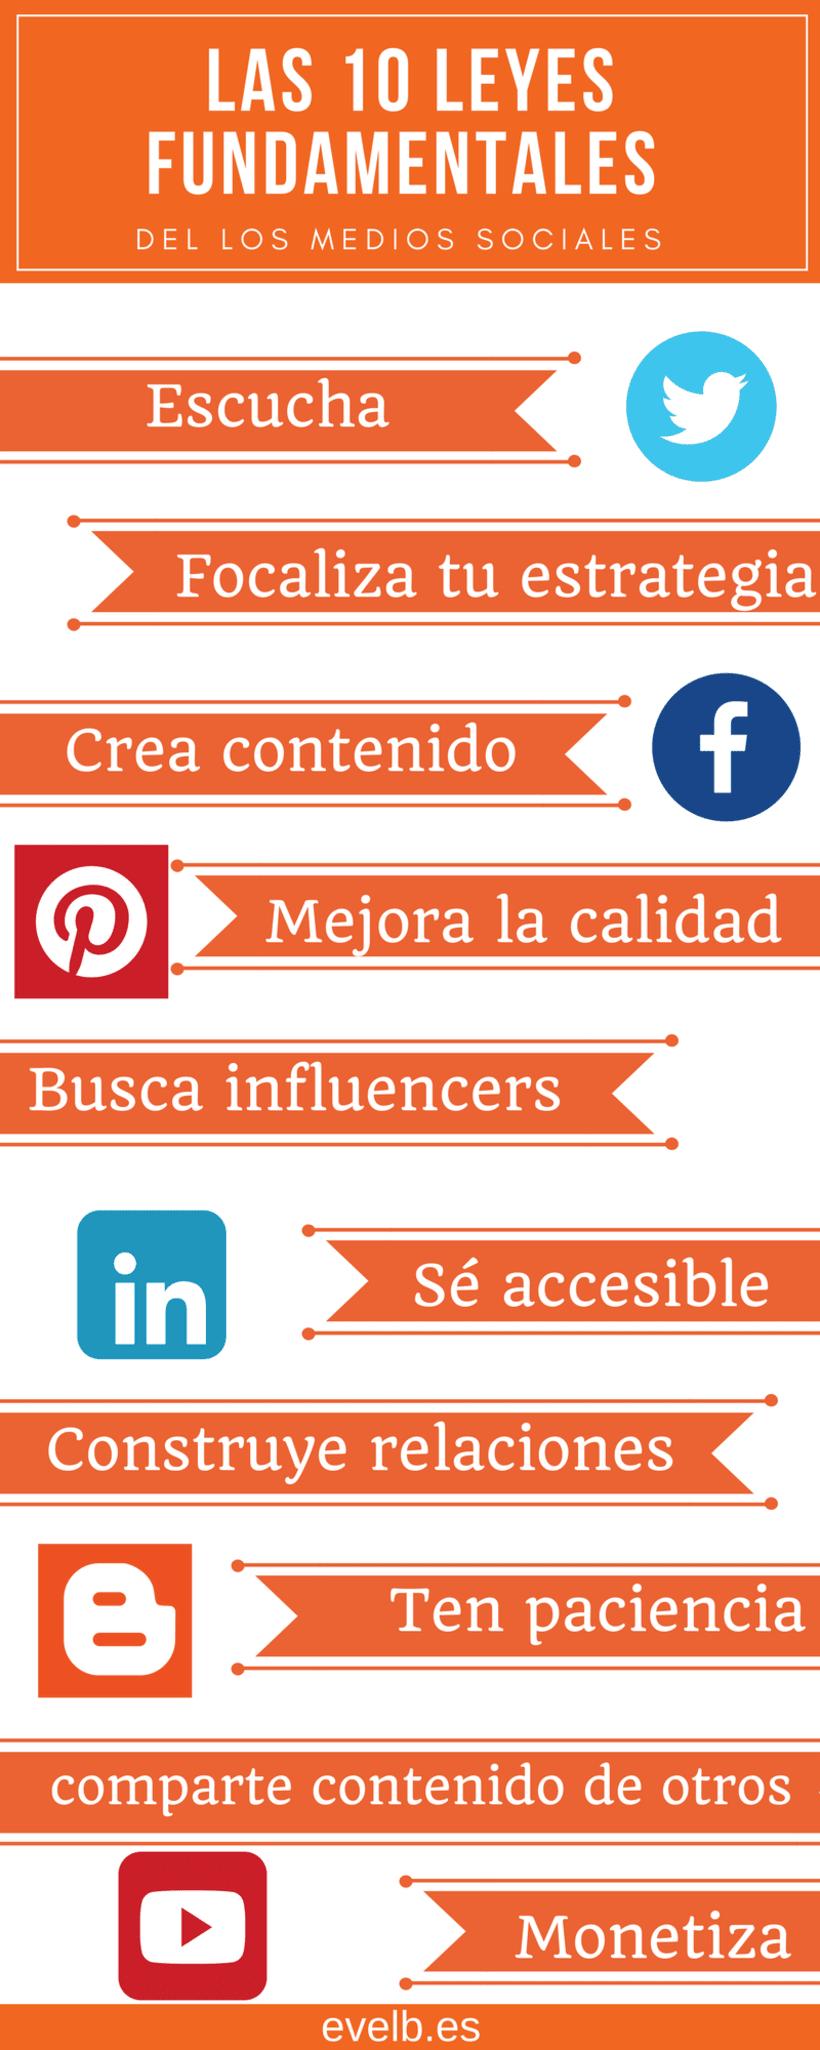 Infografías evelb.es 20